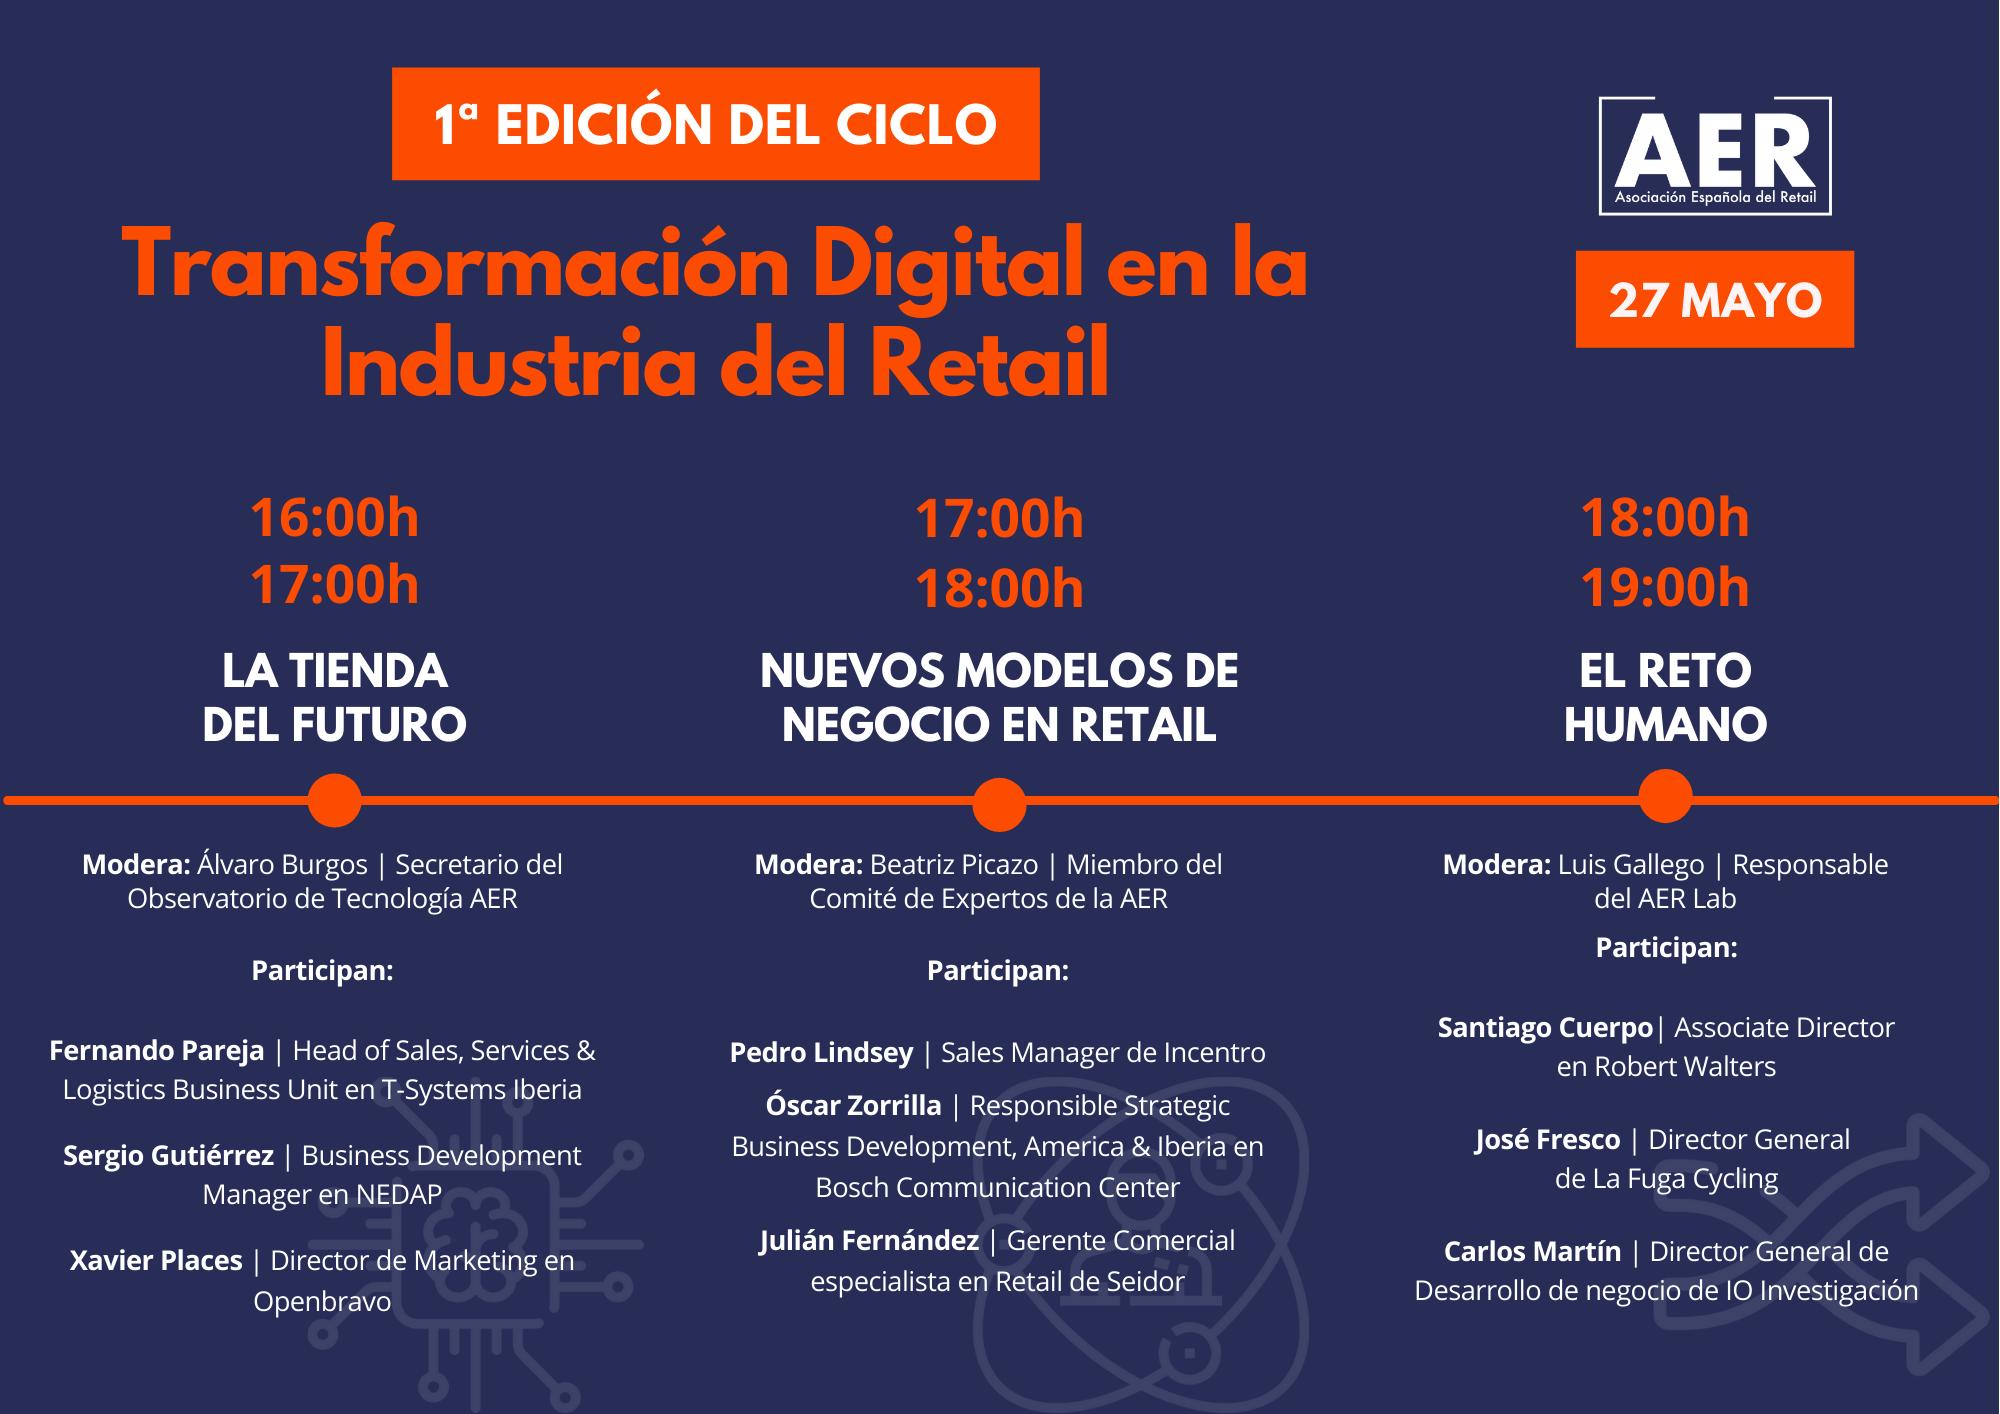 La Asociación Española del Retail (AER) celebra el primer ciclo de Transformación Digital el 27 de mayo